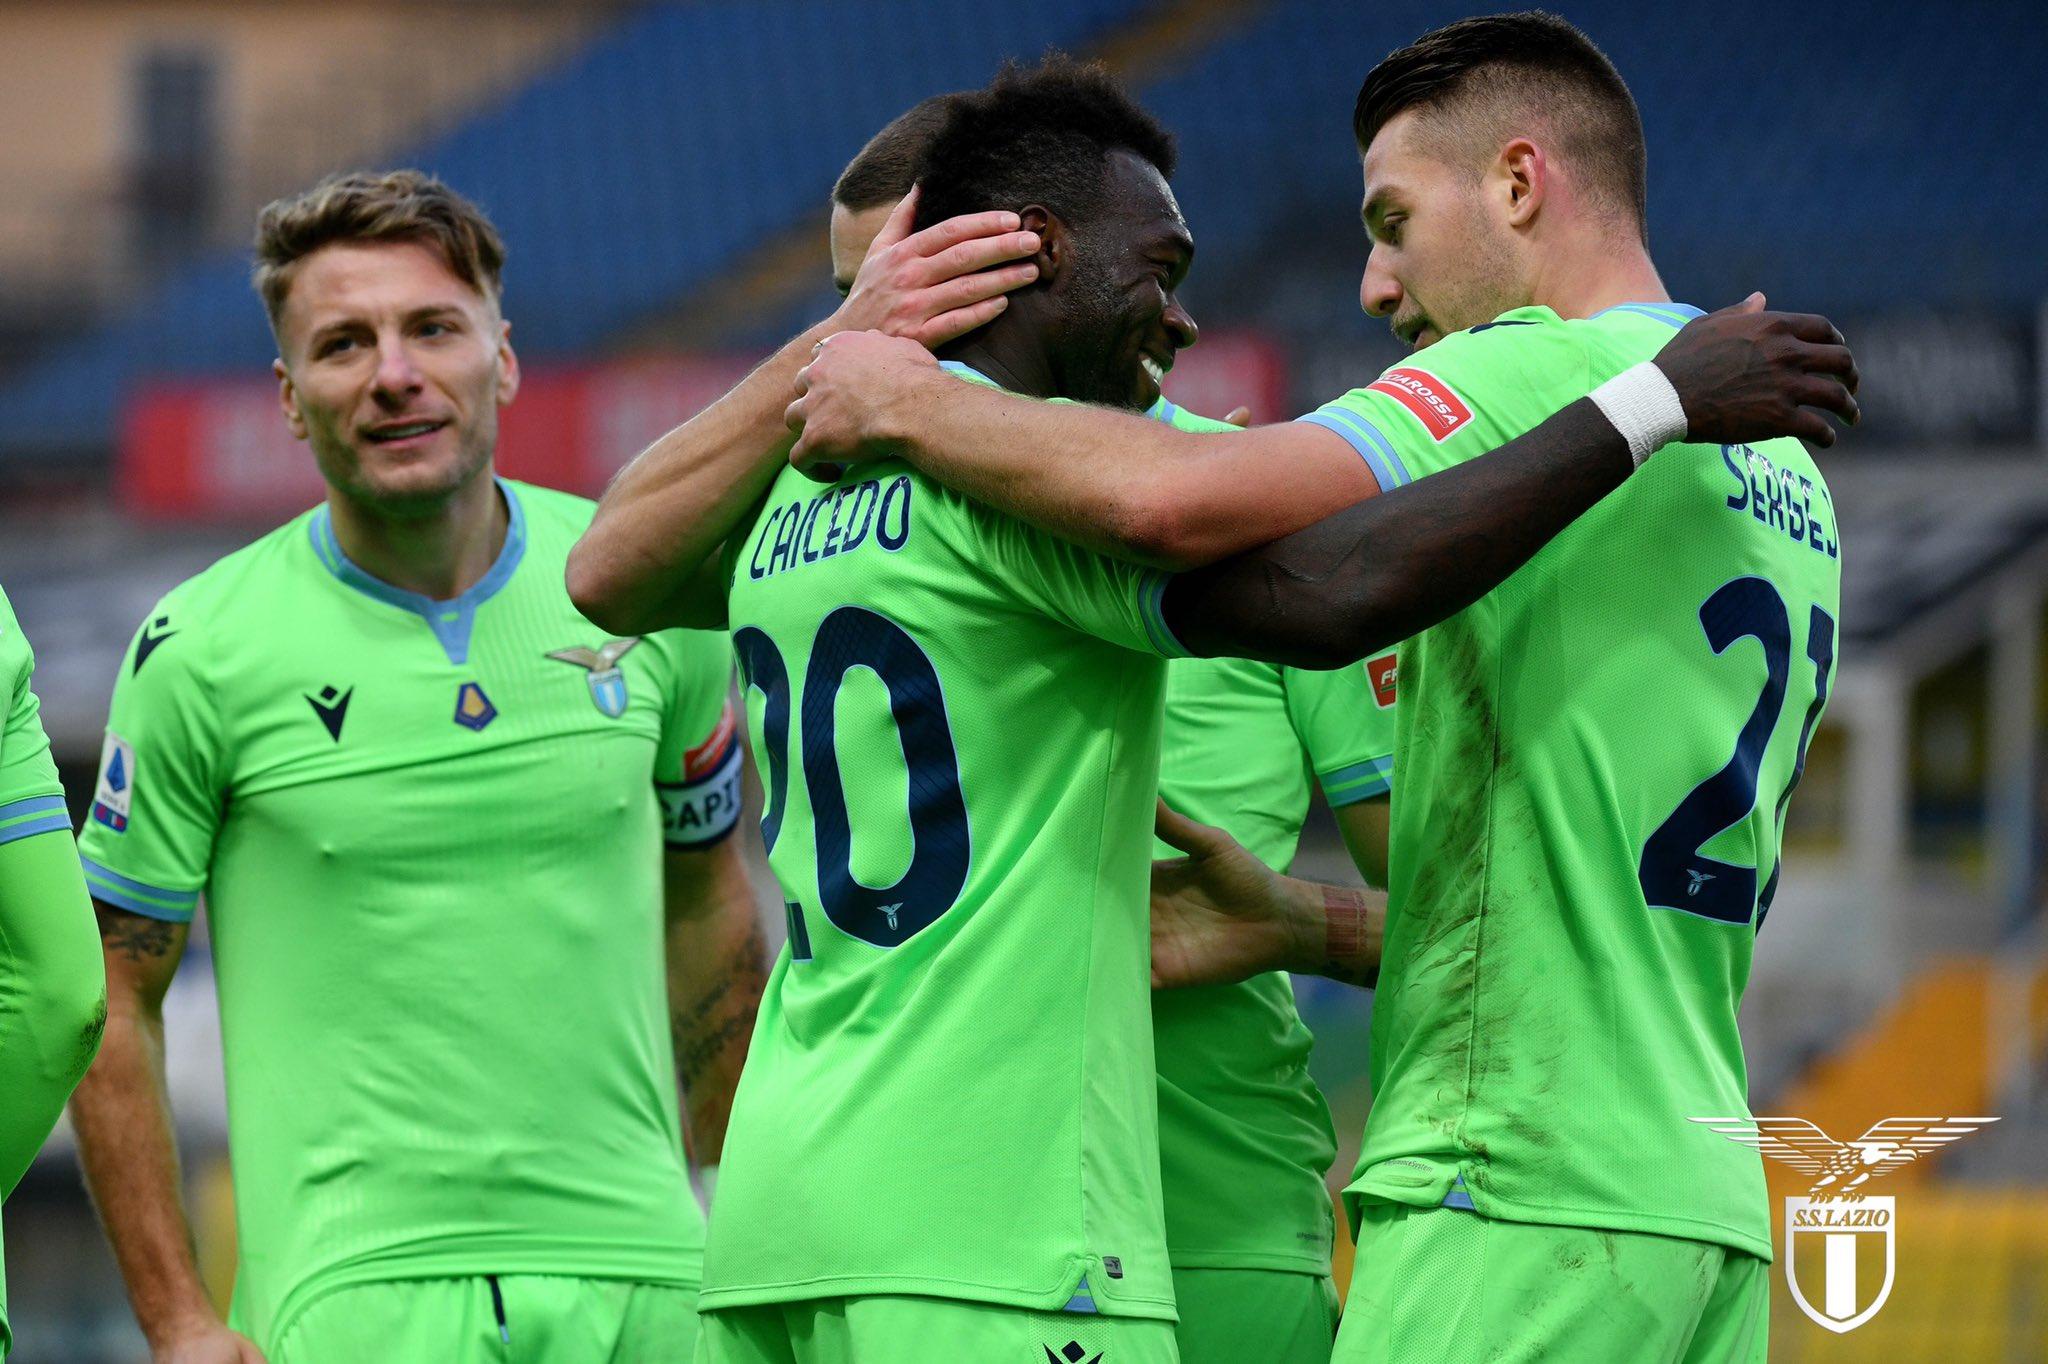 El delantero ecuatoriano marcó el segundo tanto de los romanos, en la victoria sobre Parma